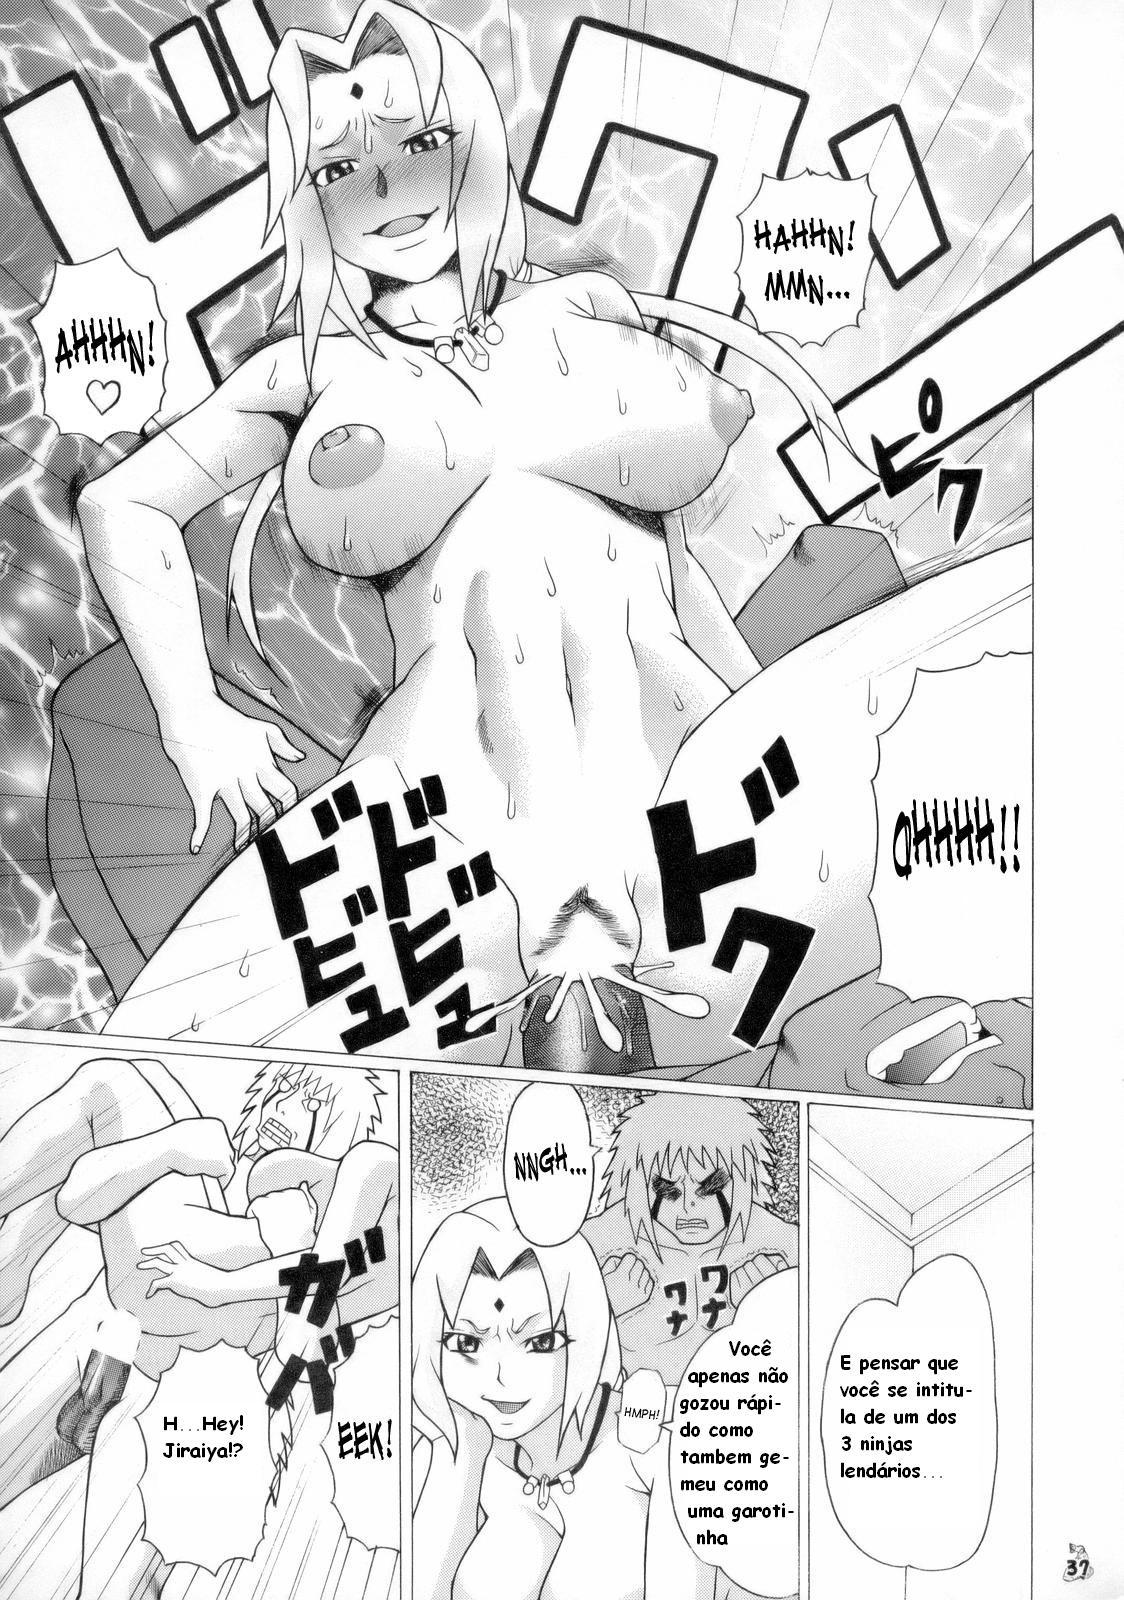 Hentaihome-Naruto-hentai-Tsunade-à-melhor-puta-ninja-16